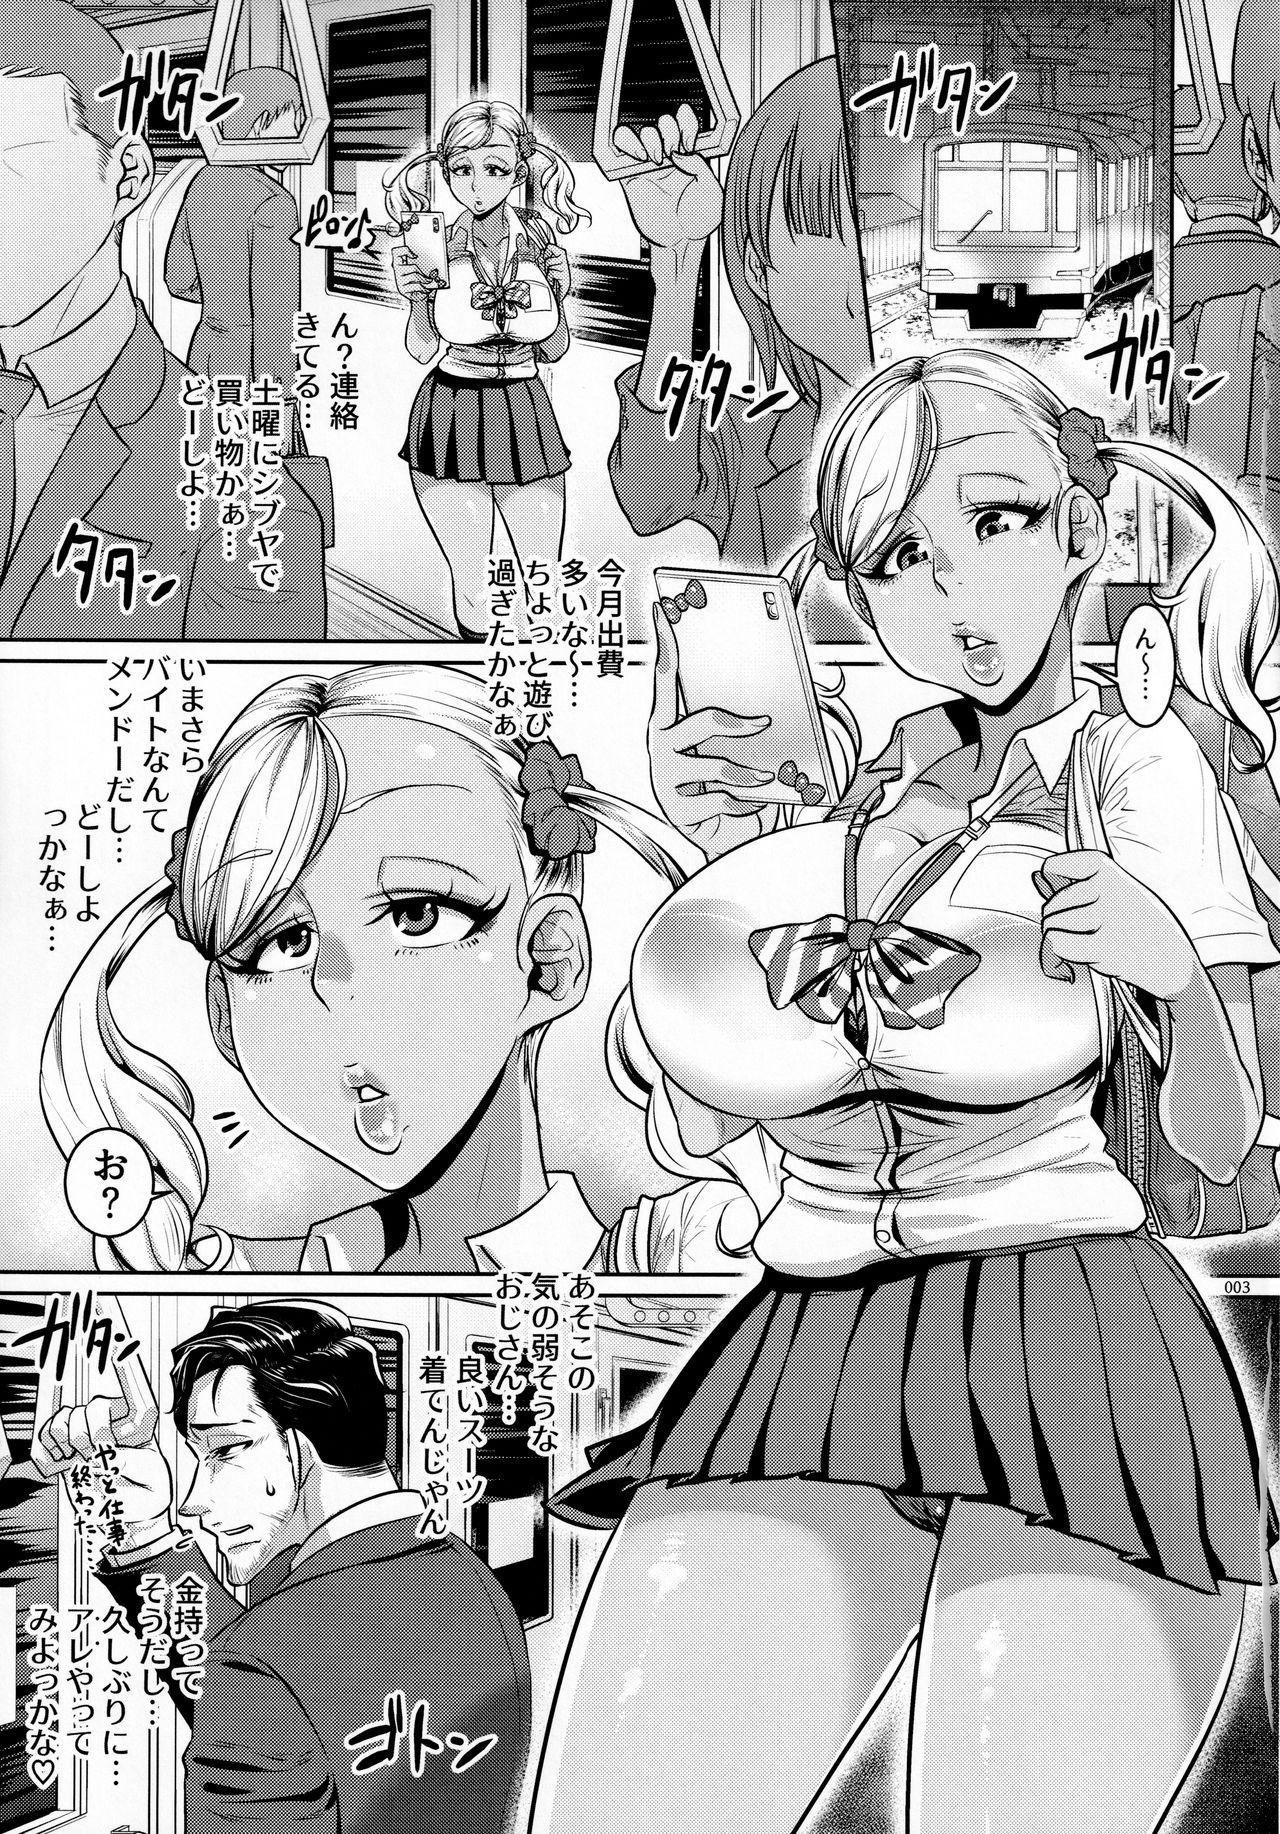 Yonaoshi ojisan VS chikan enzai gurogyaru JK 1